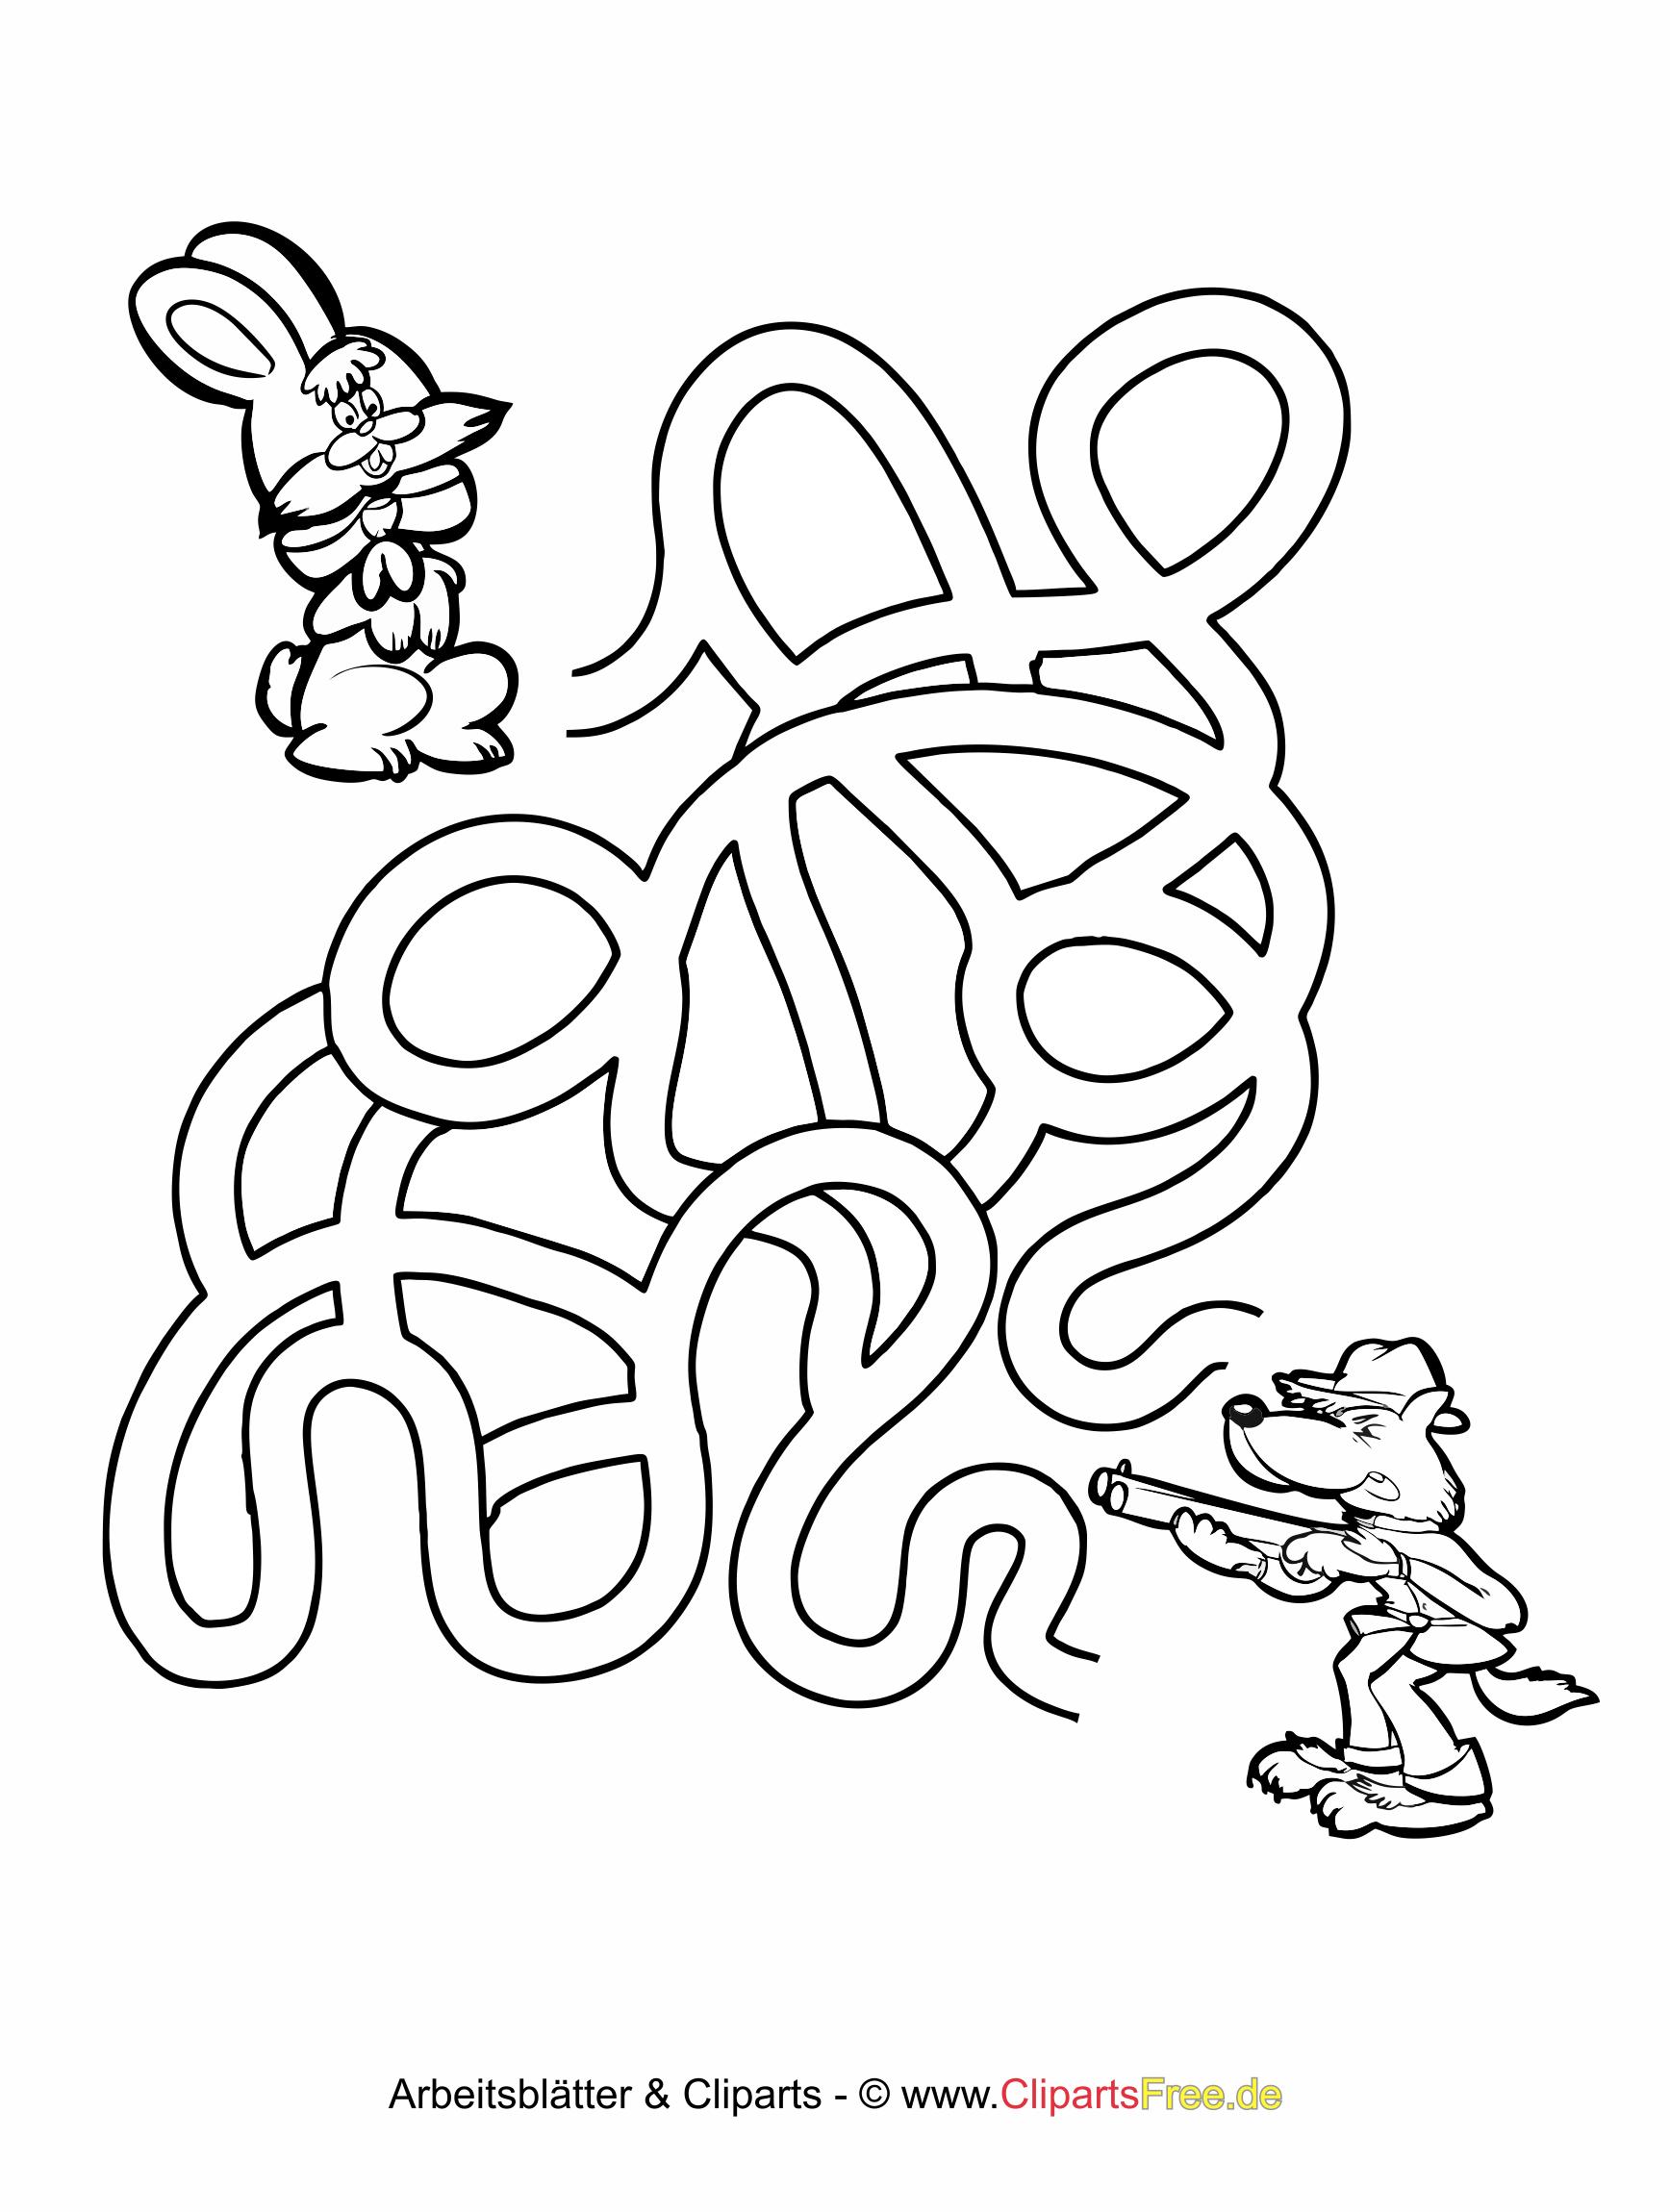 Einfaches Labyrinth zum Ausdrucken